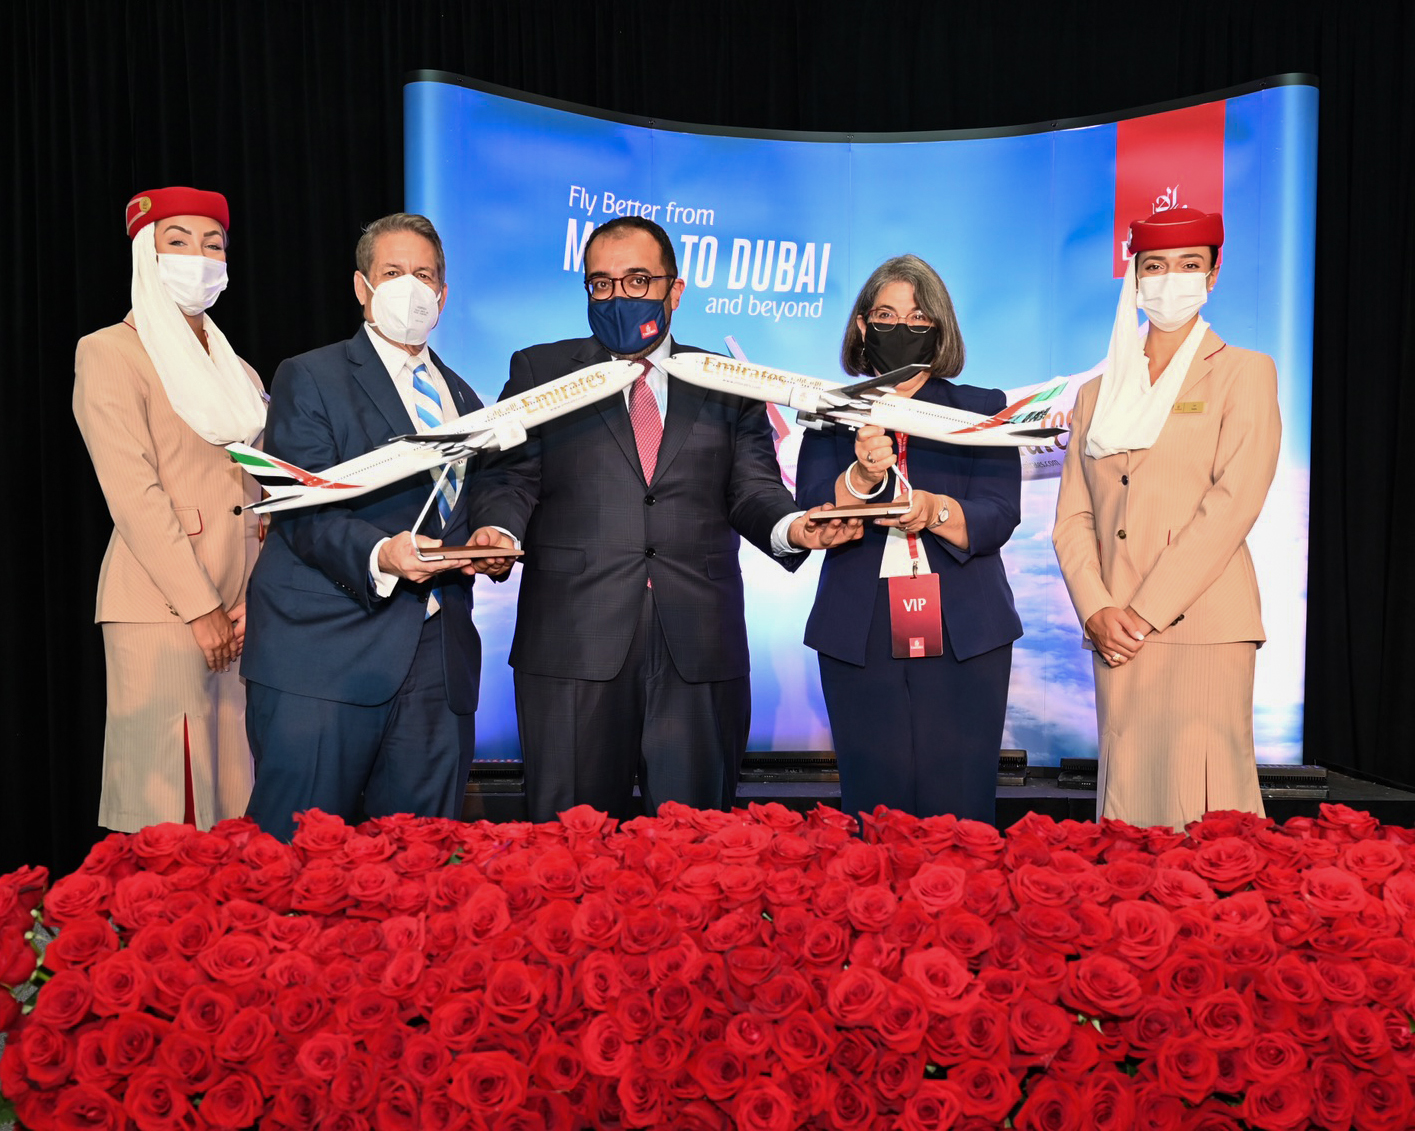 طيران الإمارات Emirates تطلق رحلات ولاية ميامي الأمريكية